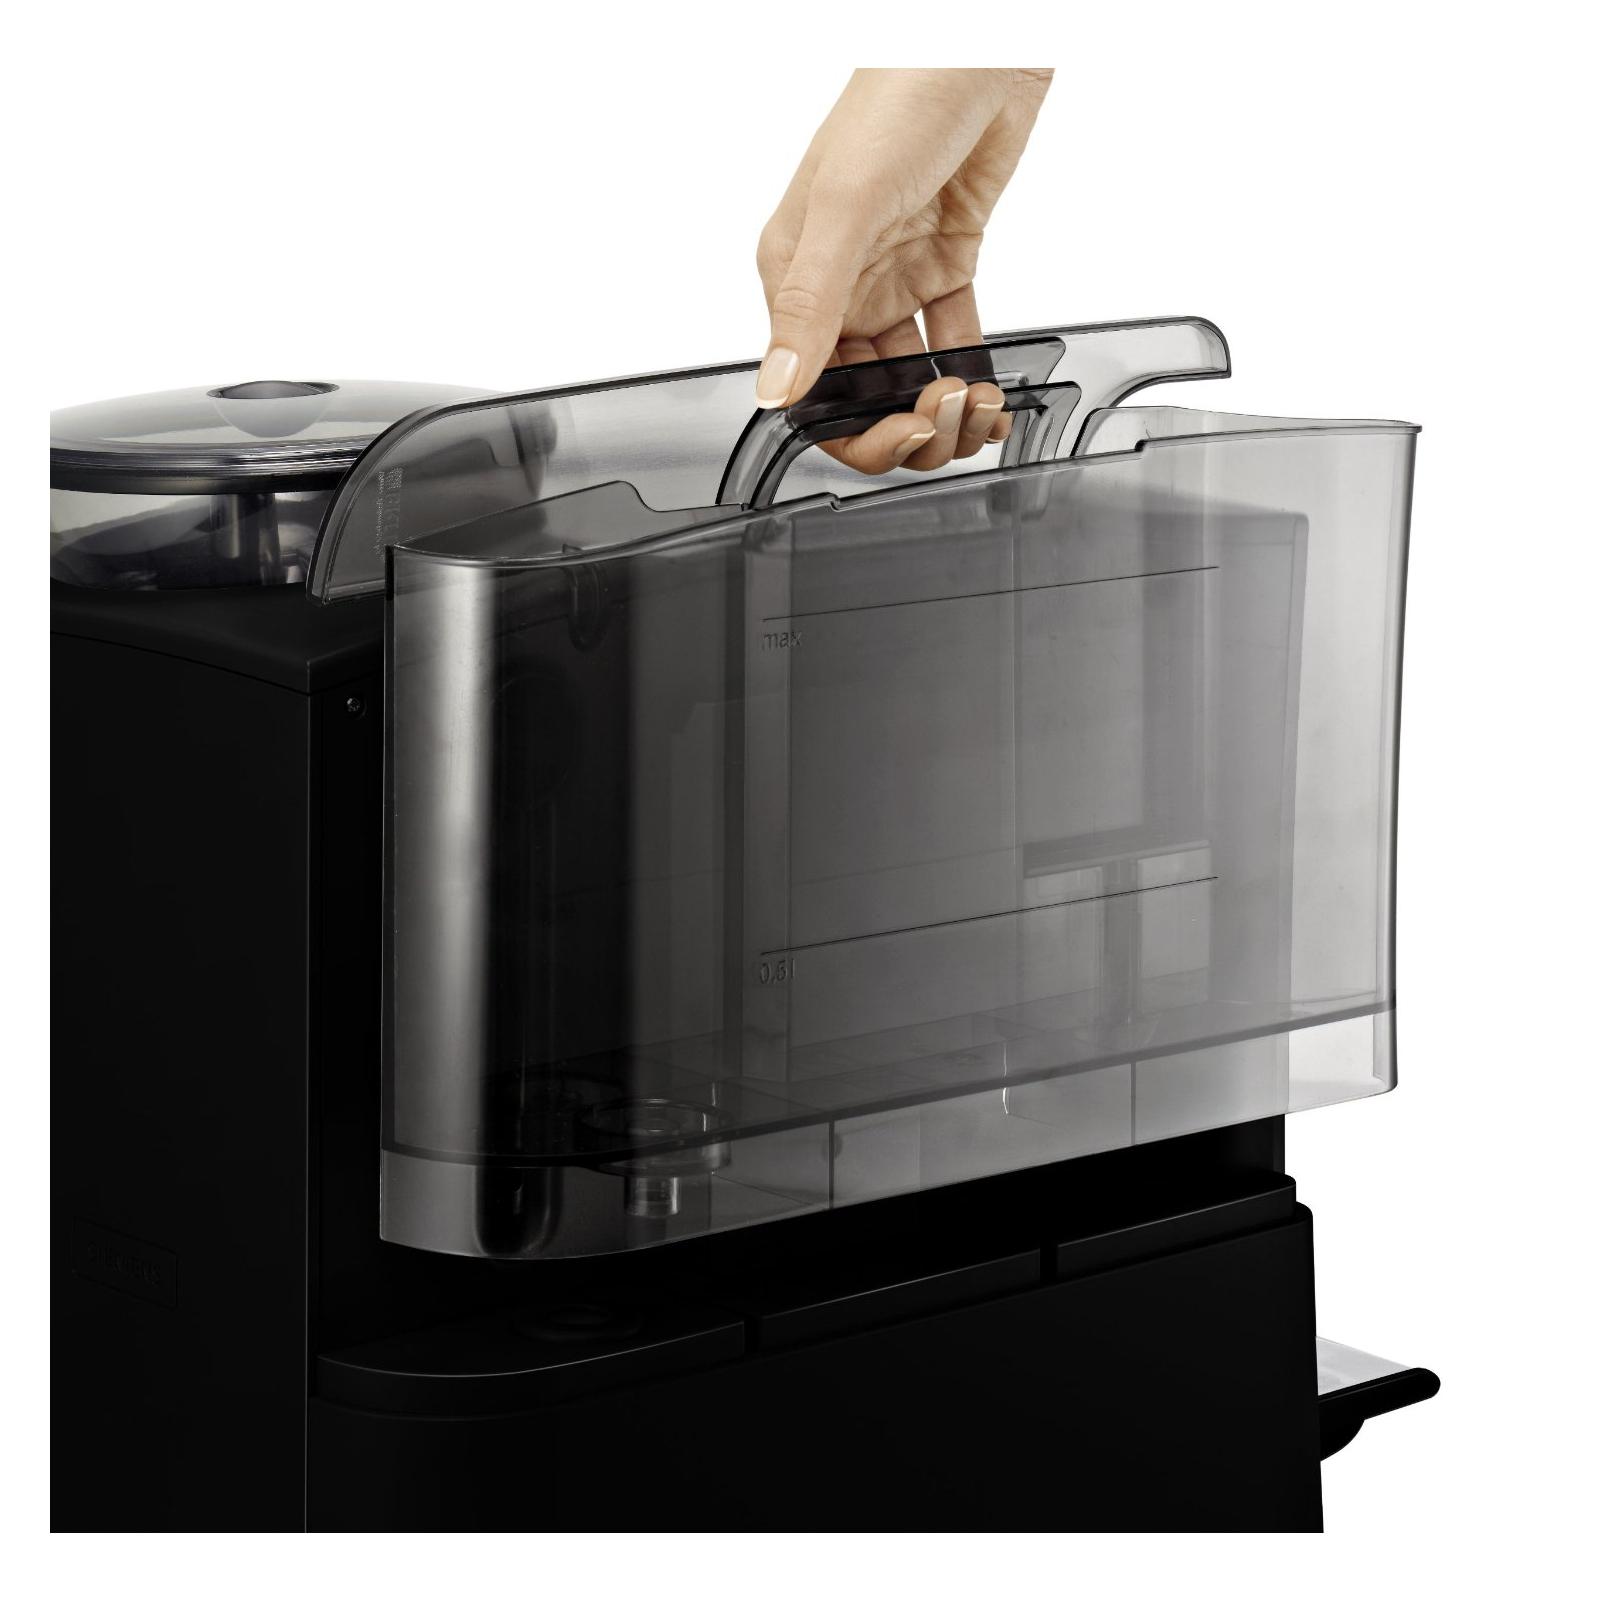 Кофеварка BOSCH TES50129RW изображение 7